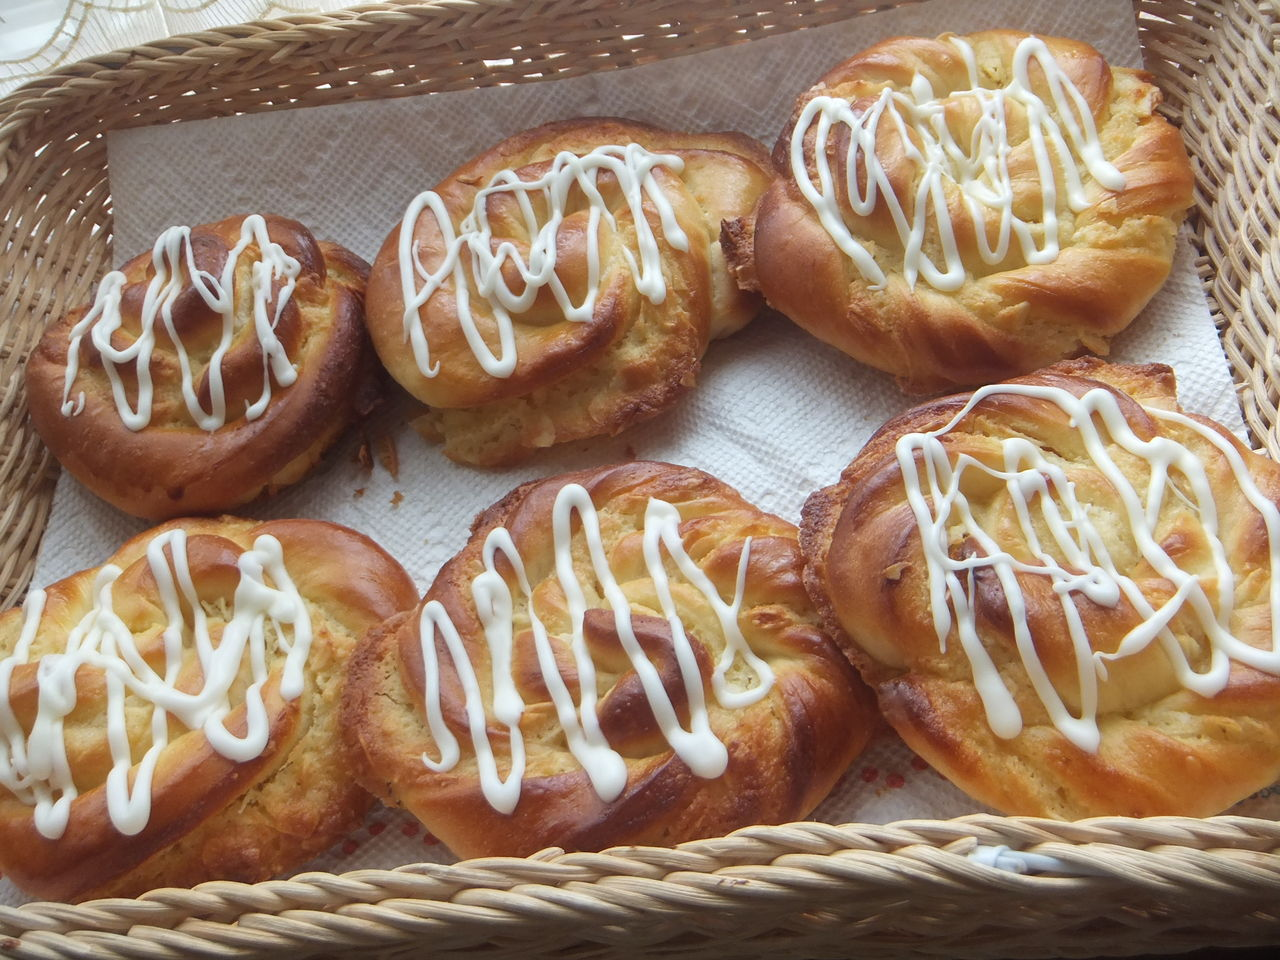 「アーモンドクリームデニッシュパン写真フリー」の画像検索結果